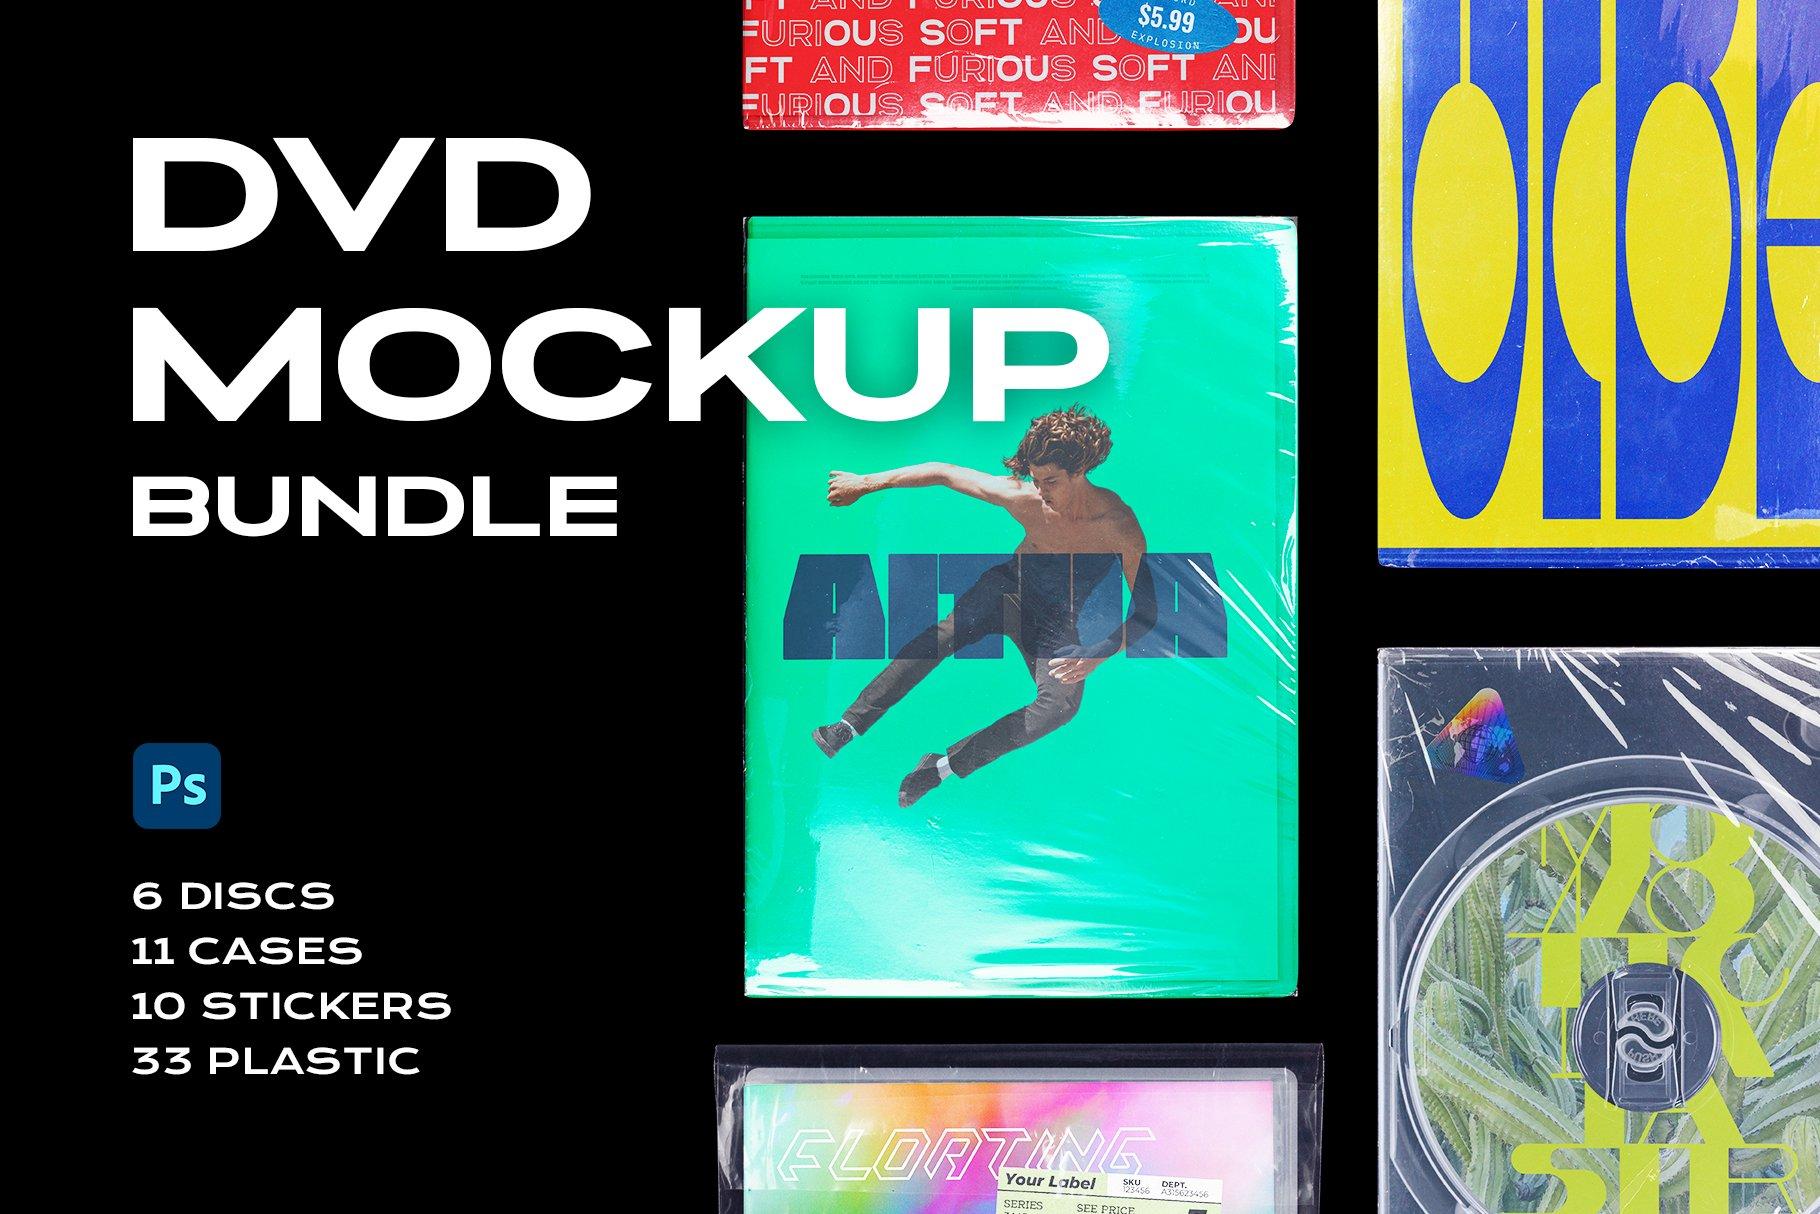 [淘宝购买] 60个DVD光盘包装盒塑料袋塑料膜贴纸样机PS设计素材 DVD Case Mockup Template Bundle Disc插图